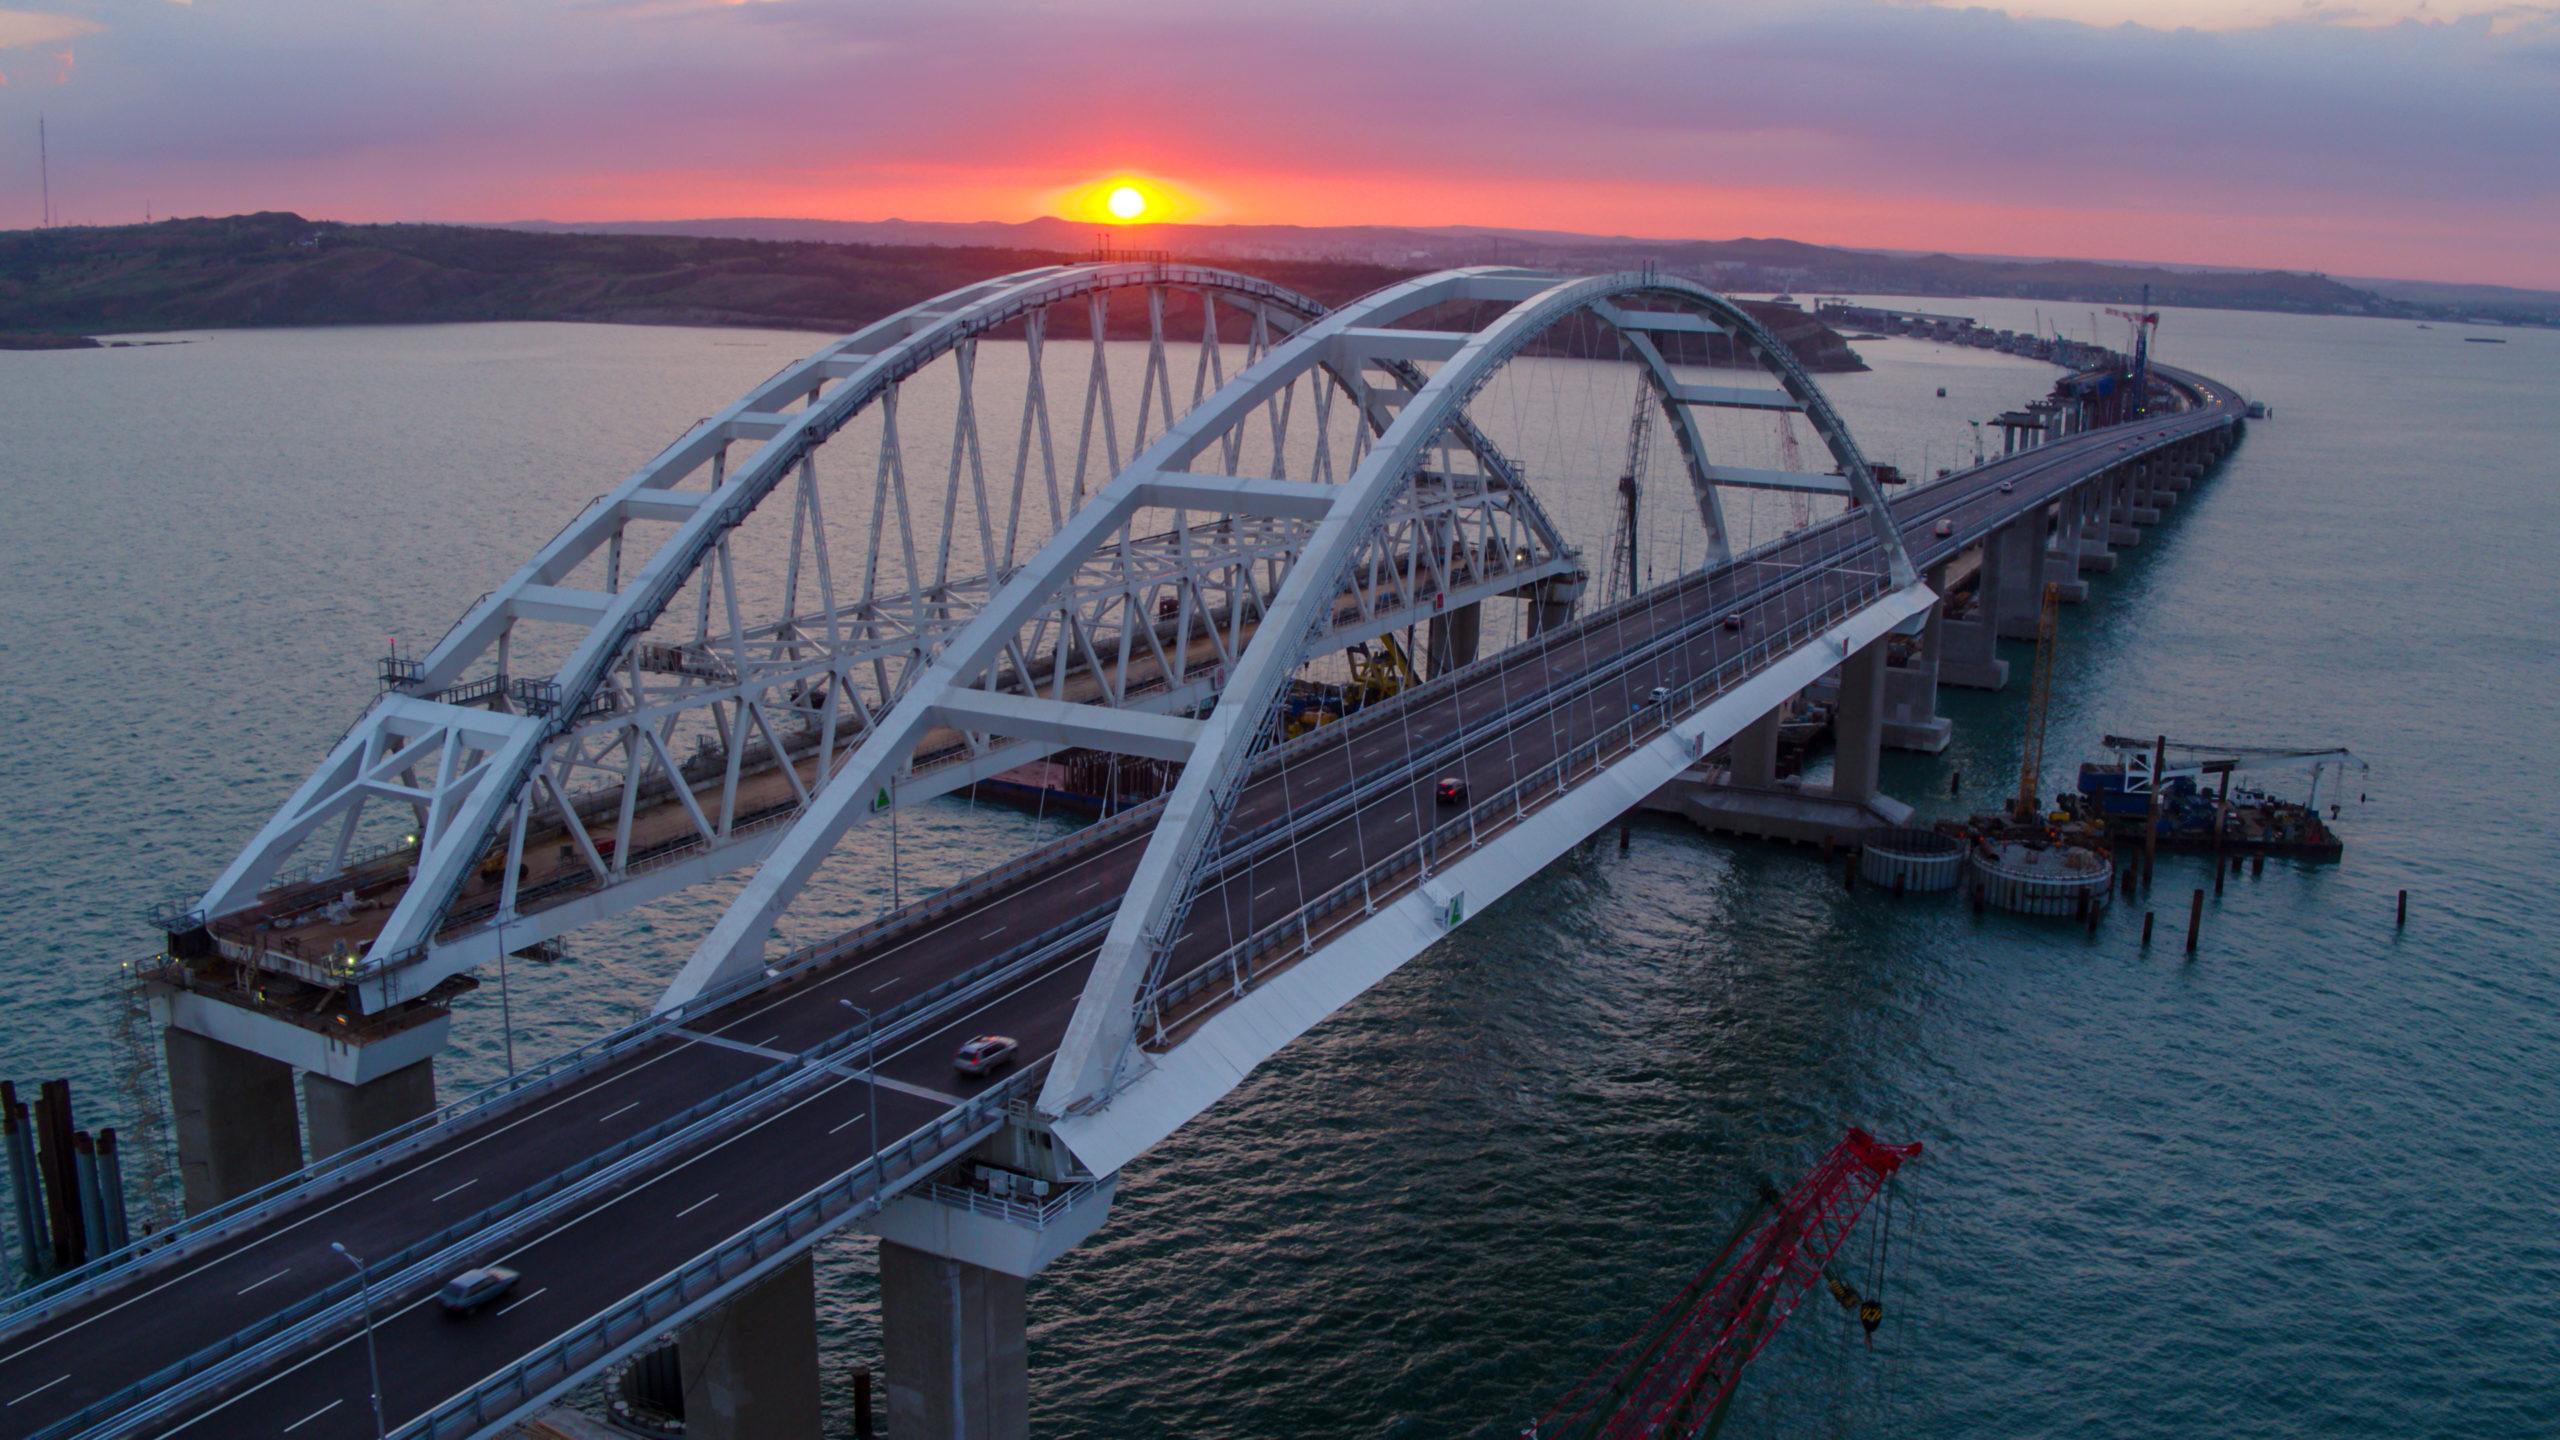 Сургутский мост чебоксары фото снимки